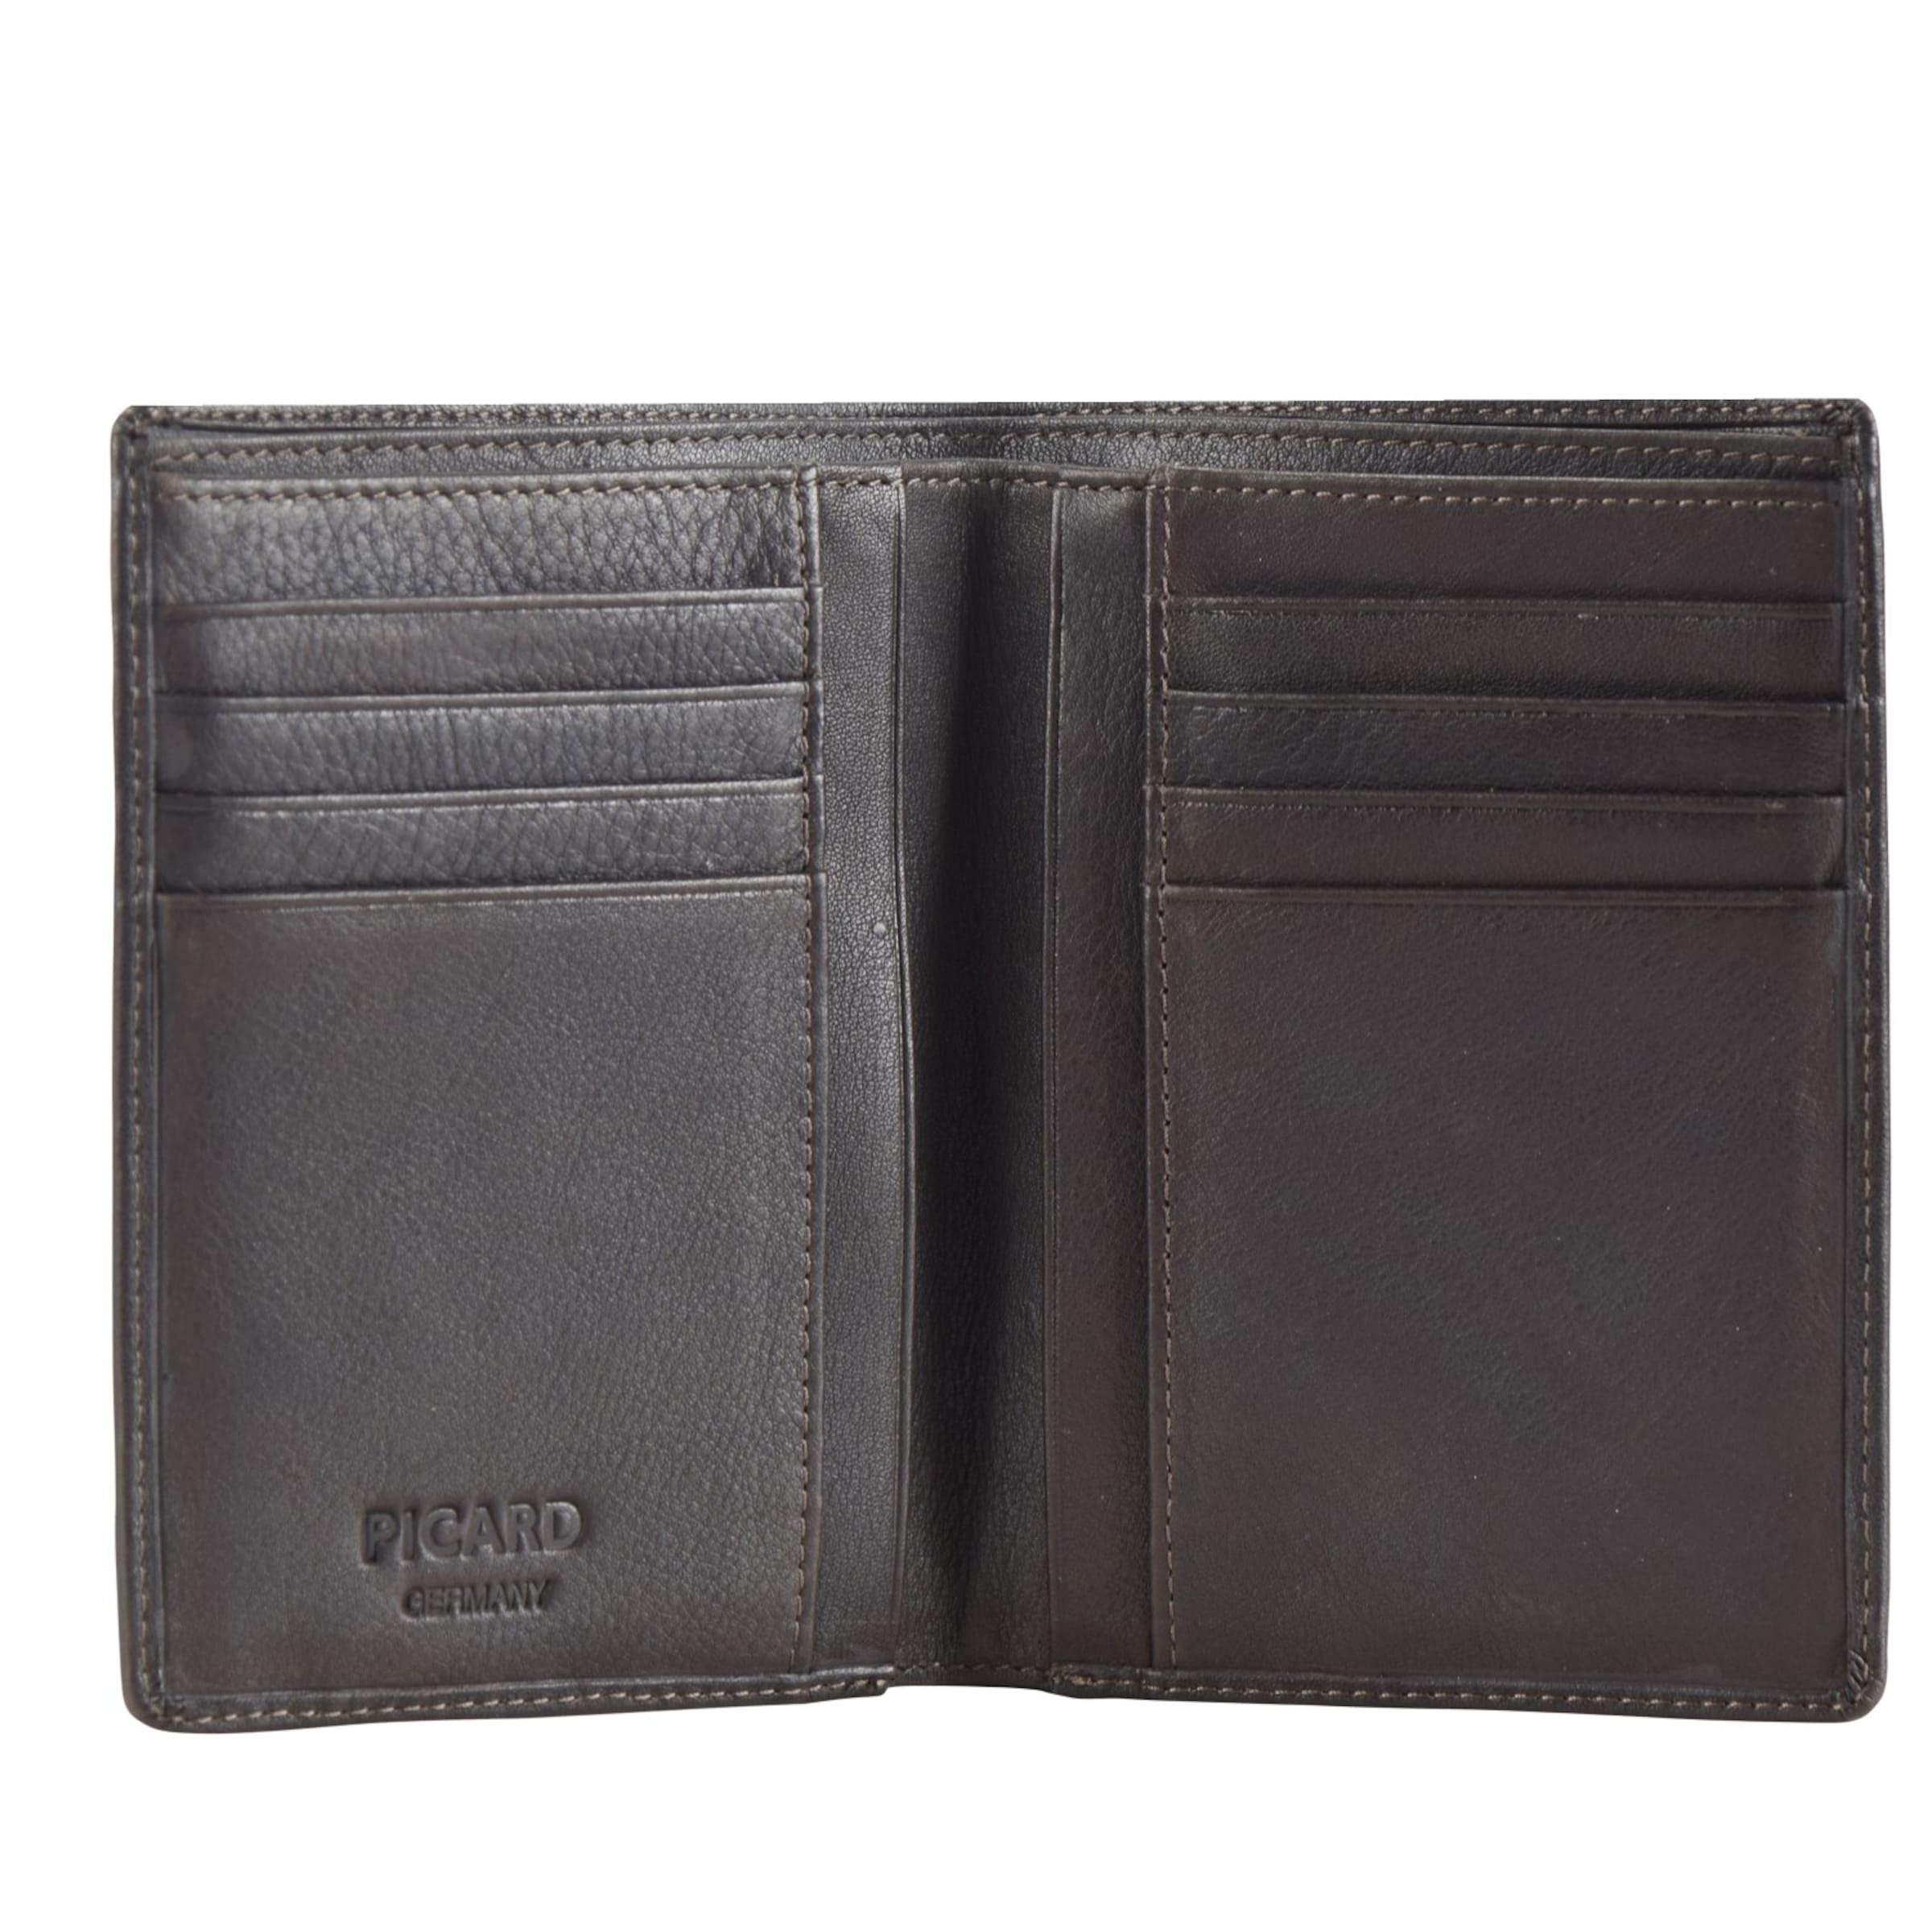 Billig Verkauf Neueste Picard Brooklyn Geldbörse Leder 9 cm Günstig Kaufen Niedrigen Preis WP4nhcs4T